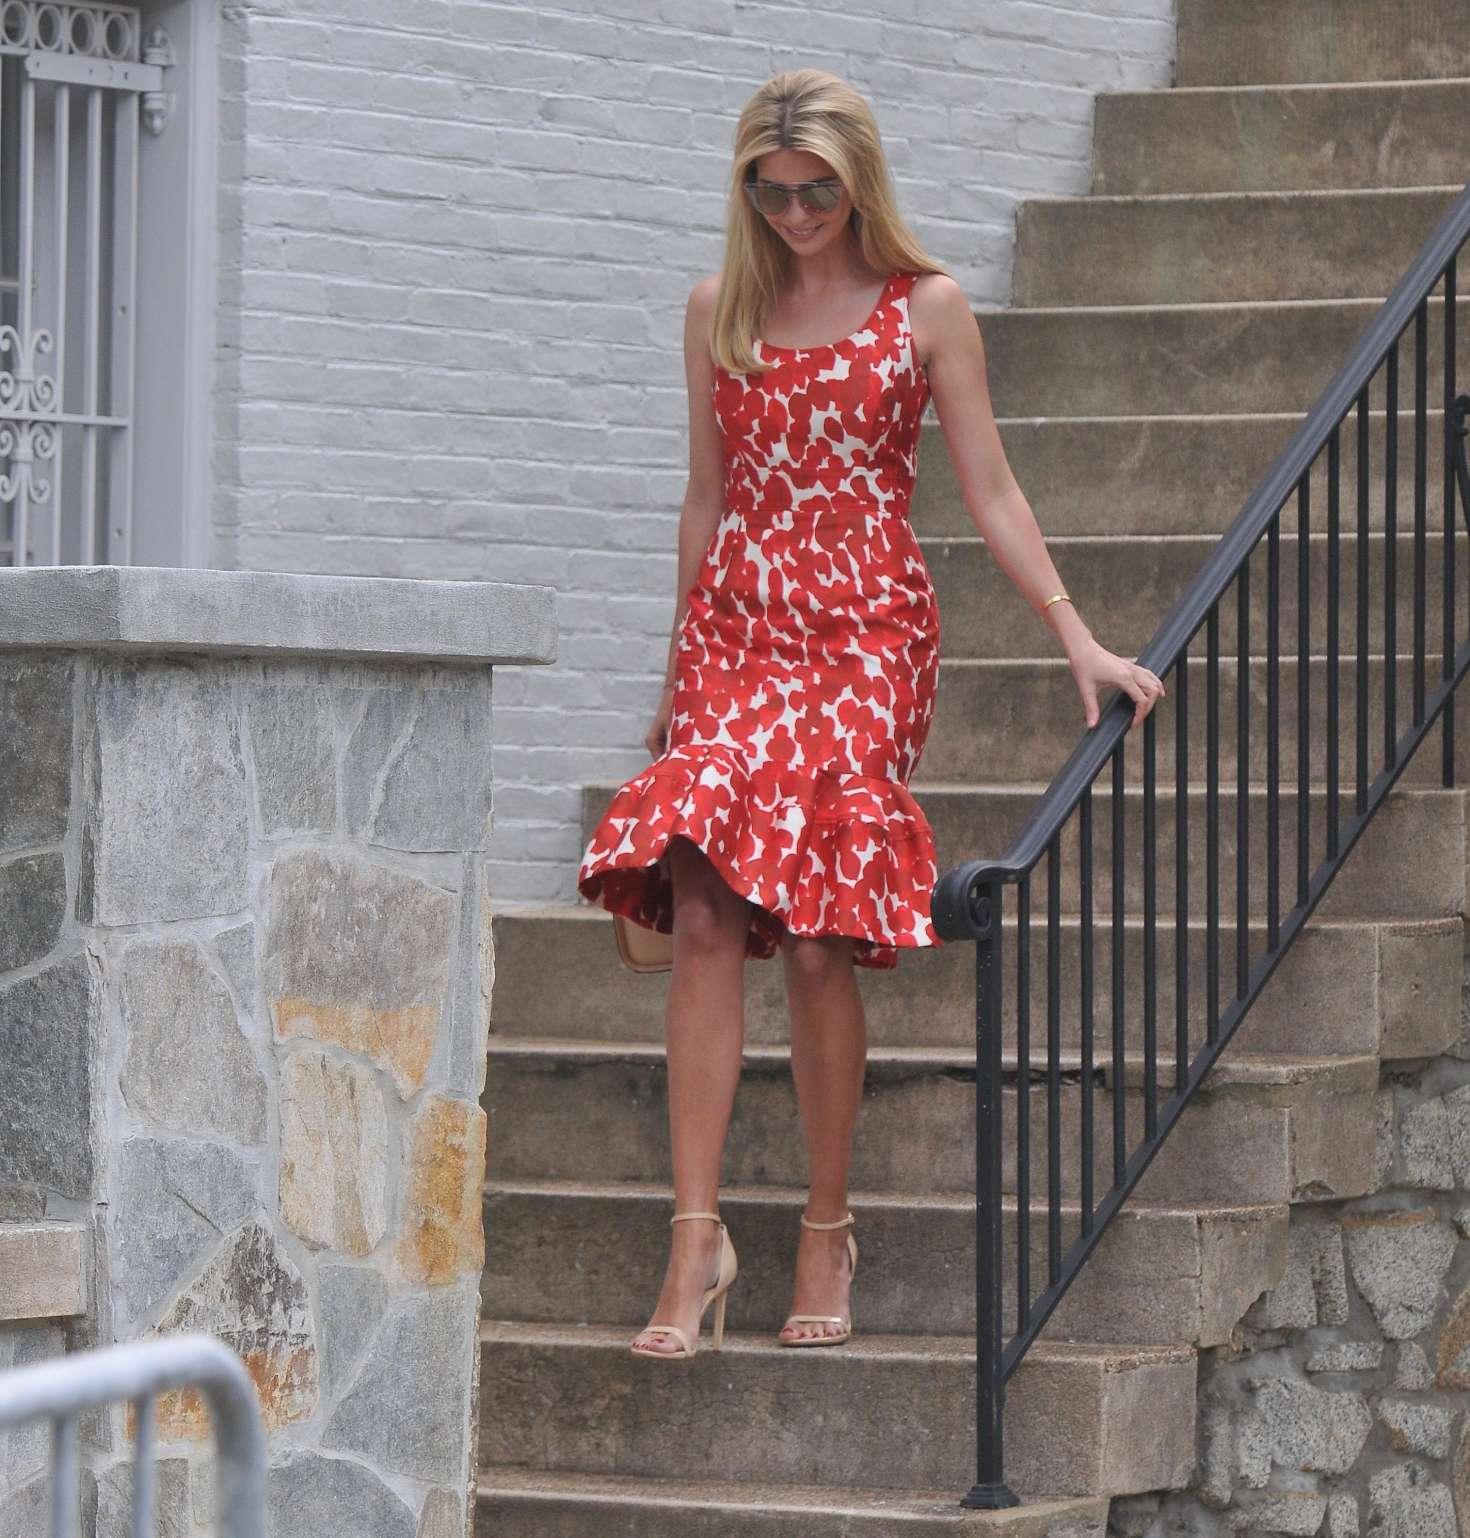 Ivanka Trump 2017 : Ivanka Trump in Red Dress -12